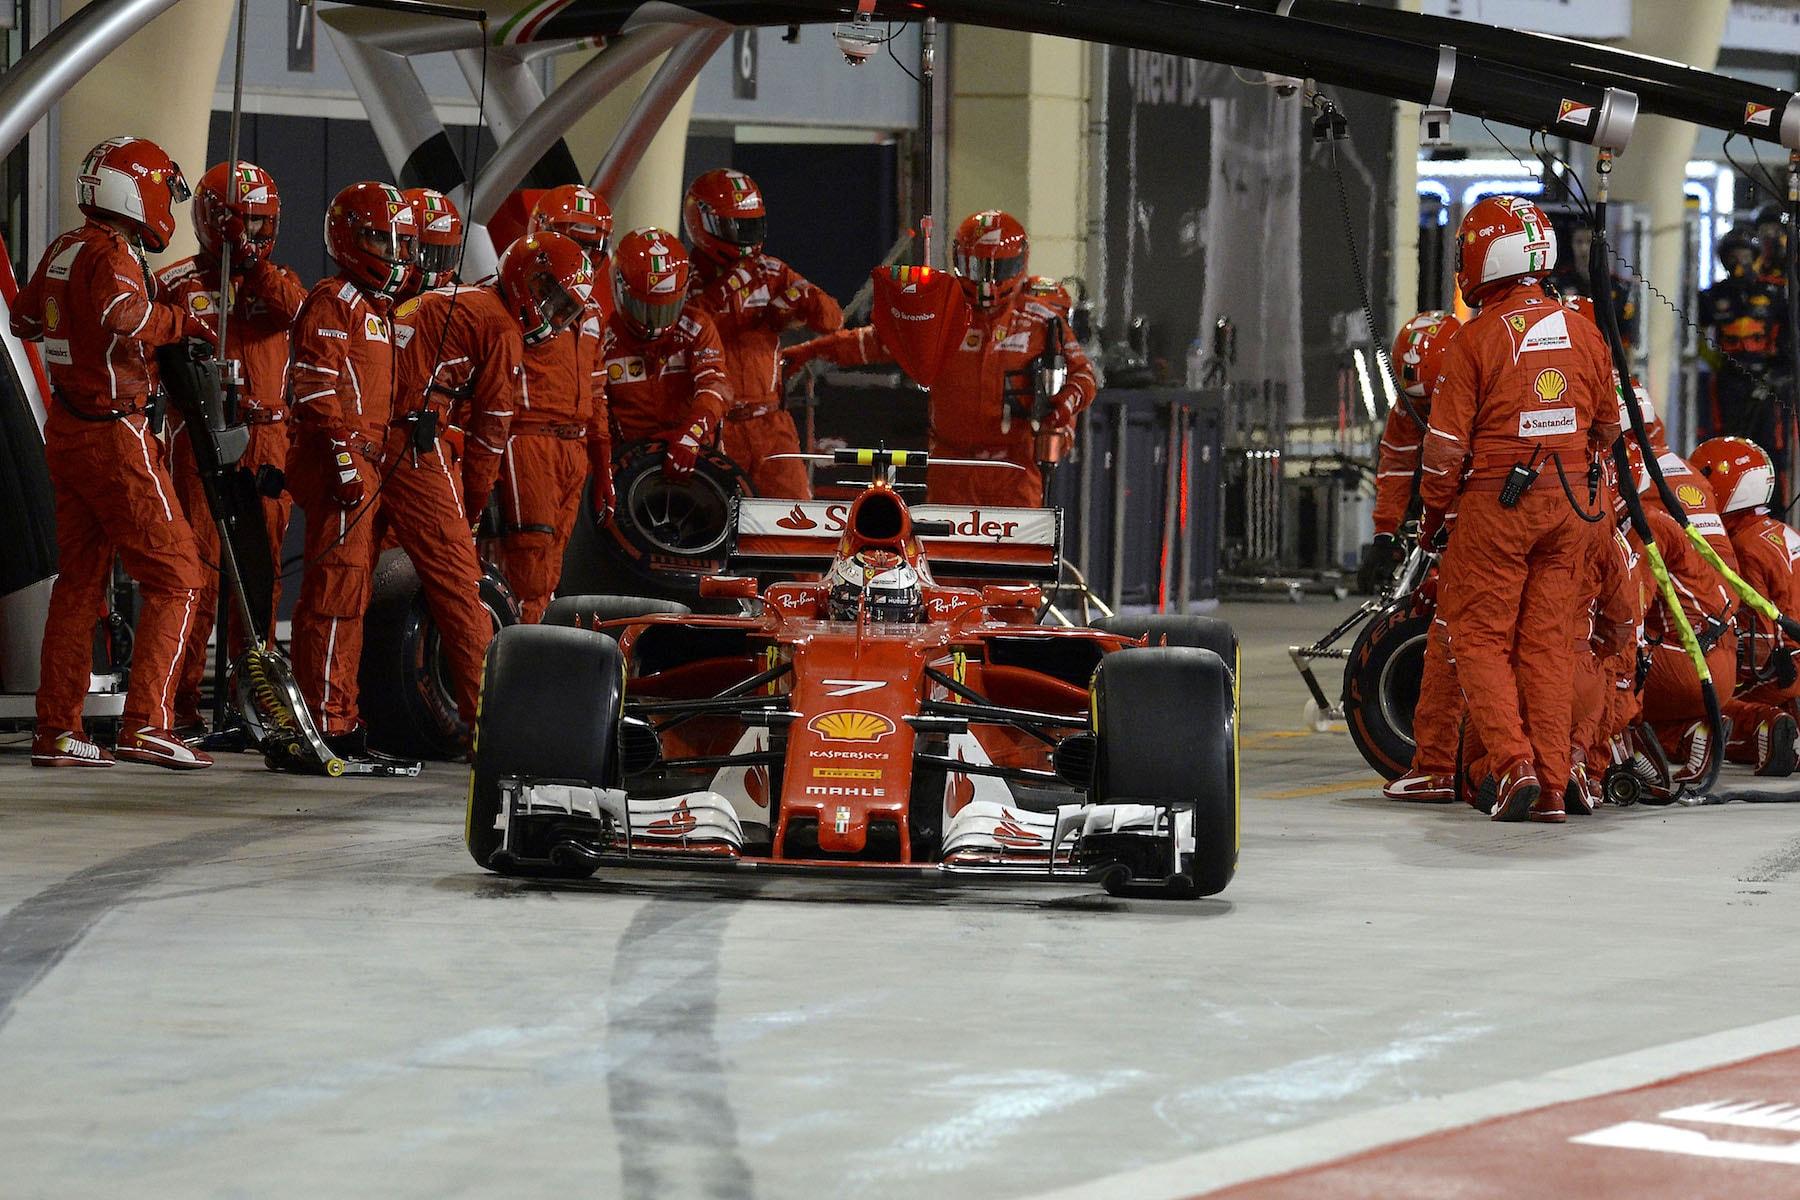 J 2017 Kimi Raikkonen   Ferrari SF70H   2017 Bahrain GP P4 2 copy.jpg